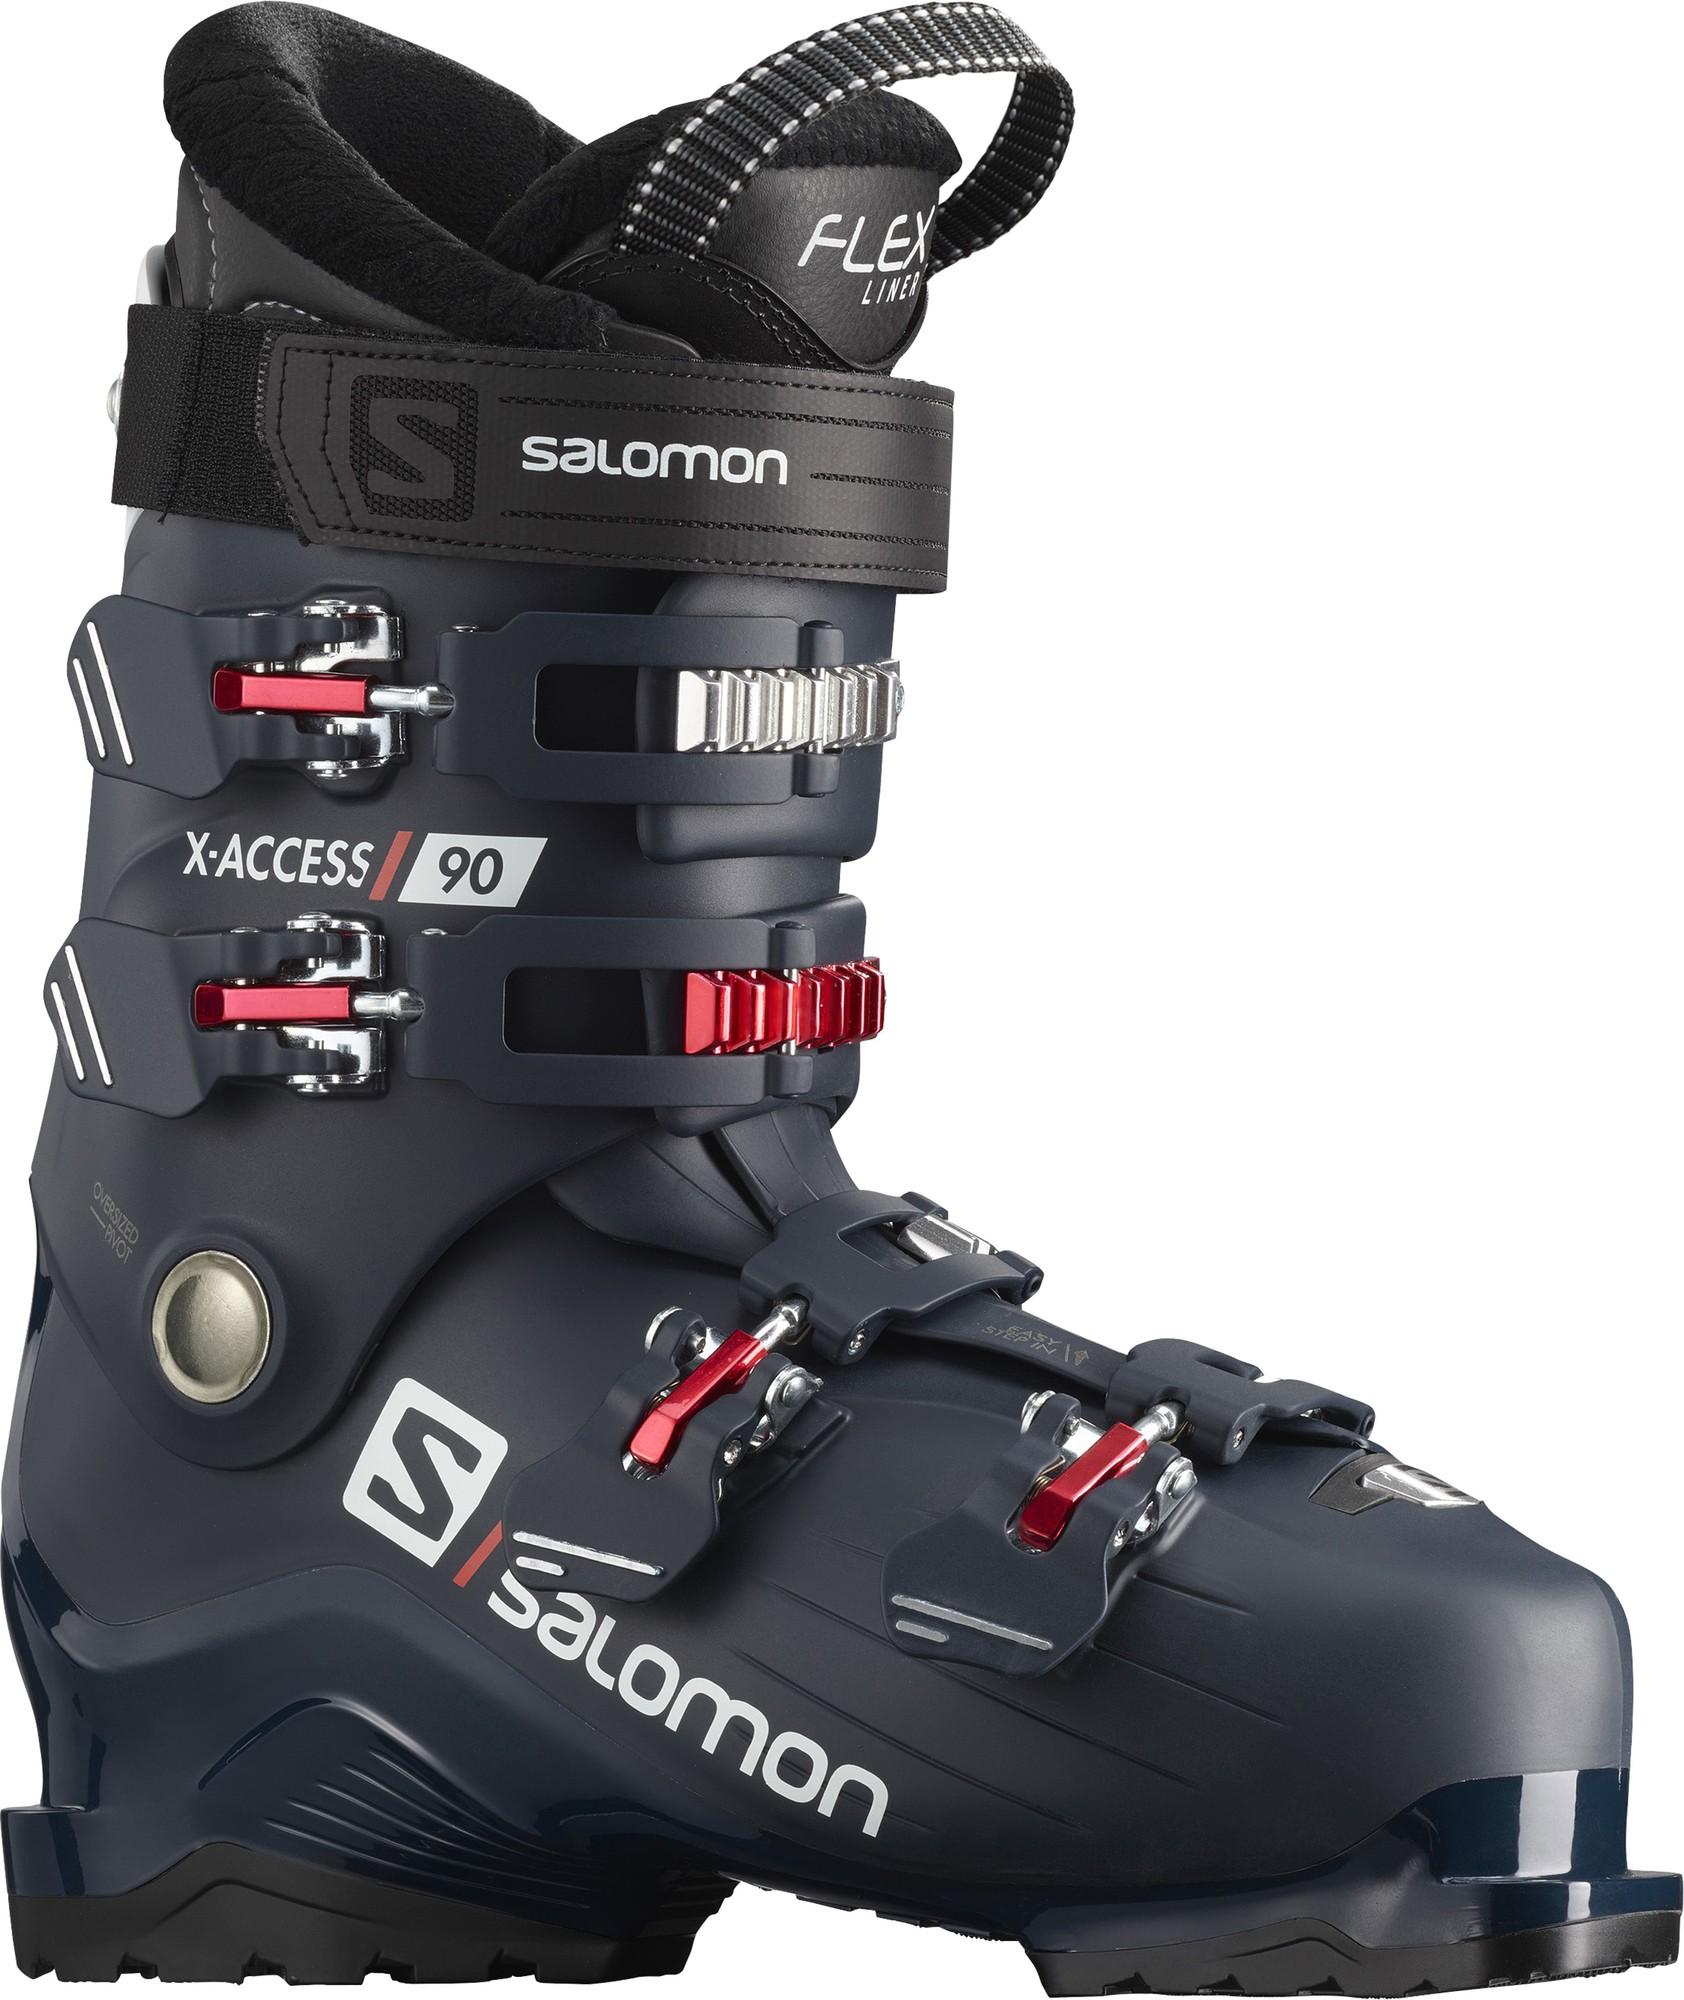 цена Salomon Ботинки горнолыжные Salomon X ACCESS 90, размер 30 см онлайн в 2017 году